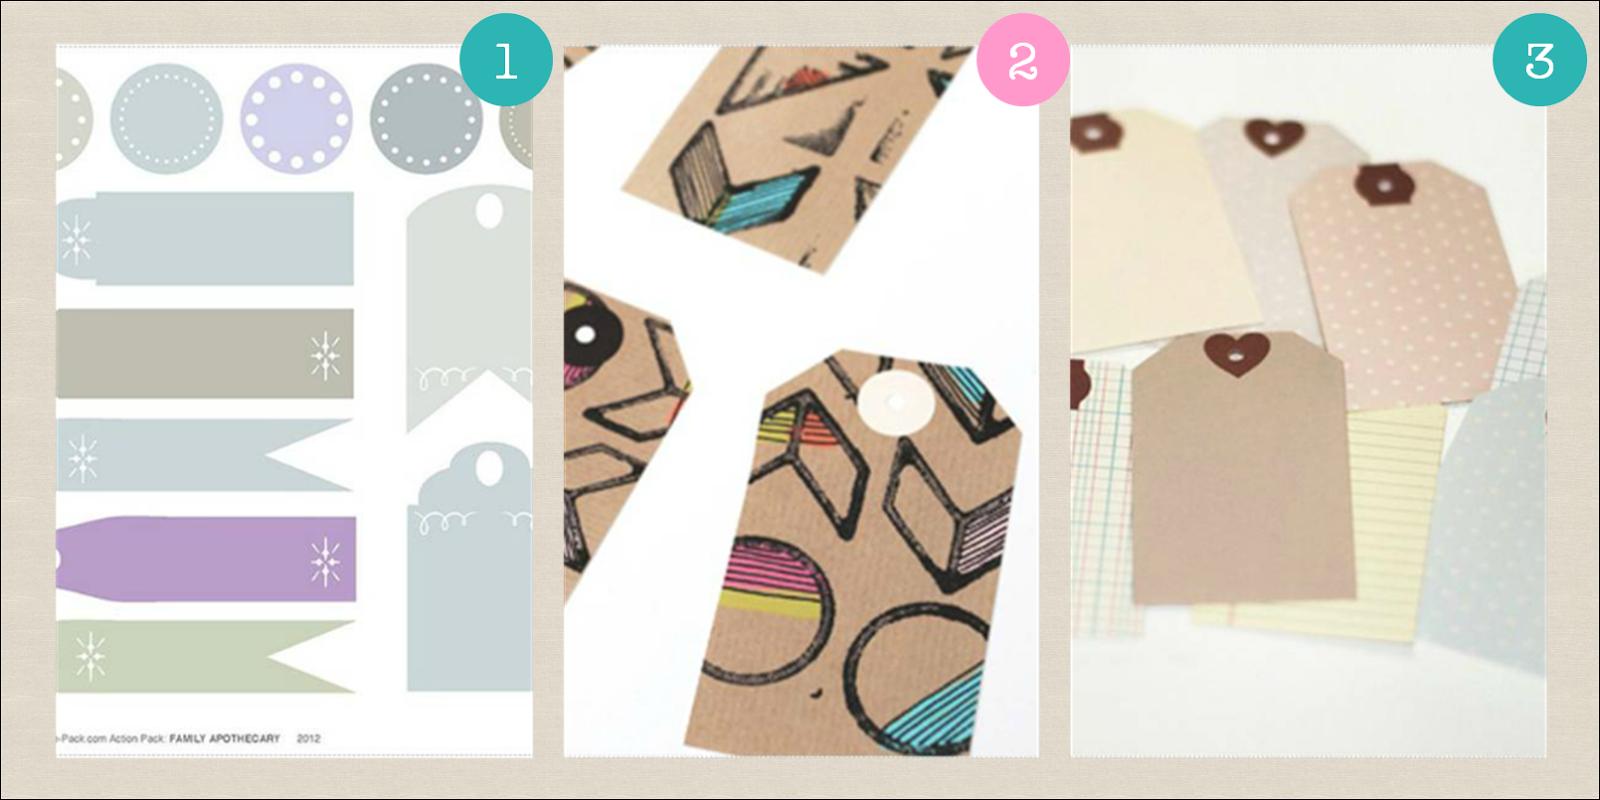 Creative Mindly: Etiquetas para descargar, crear, imprimir y comprar